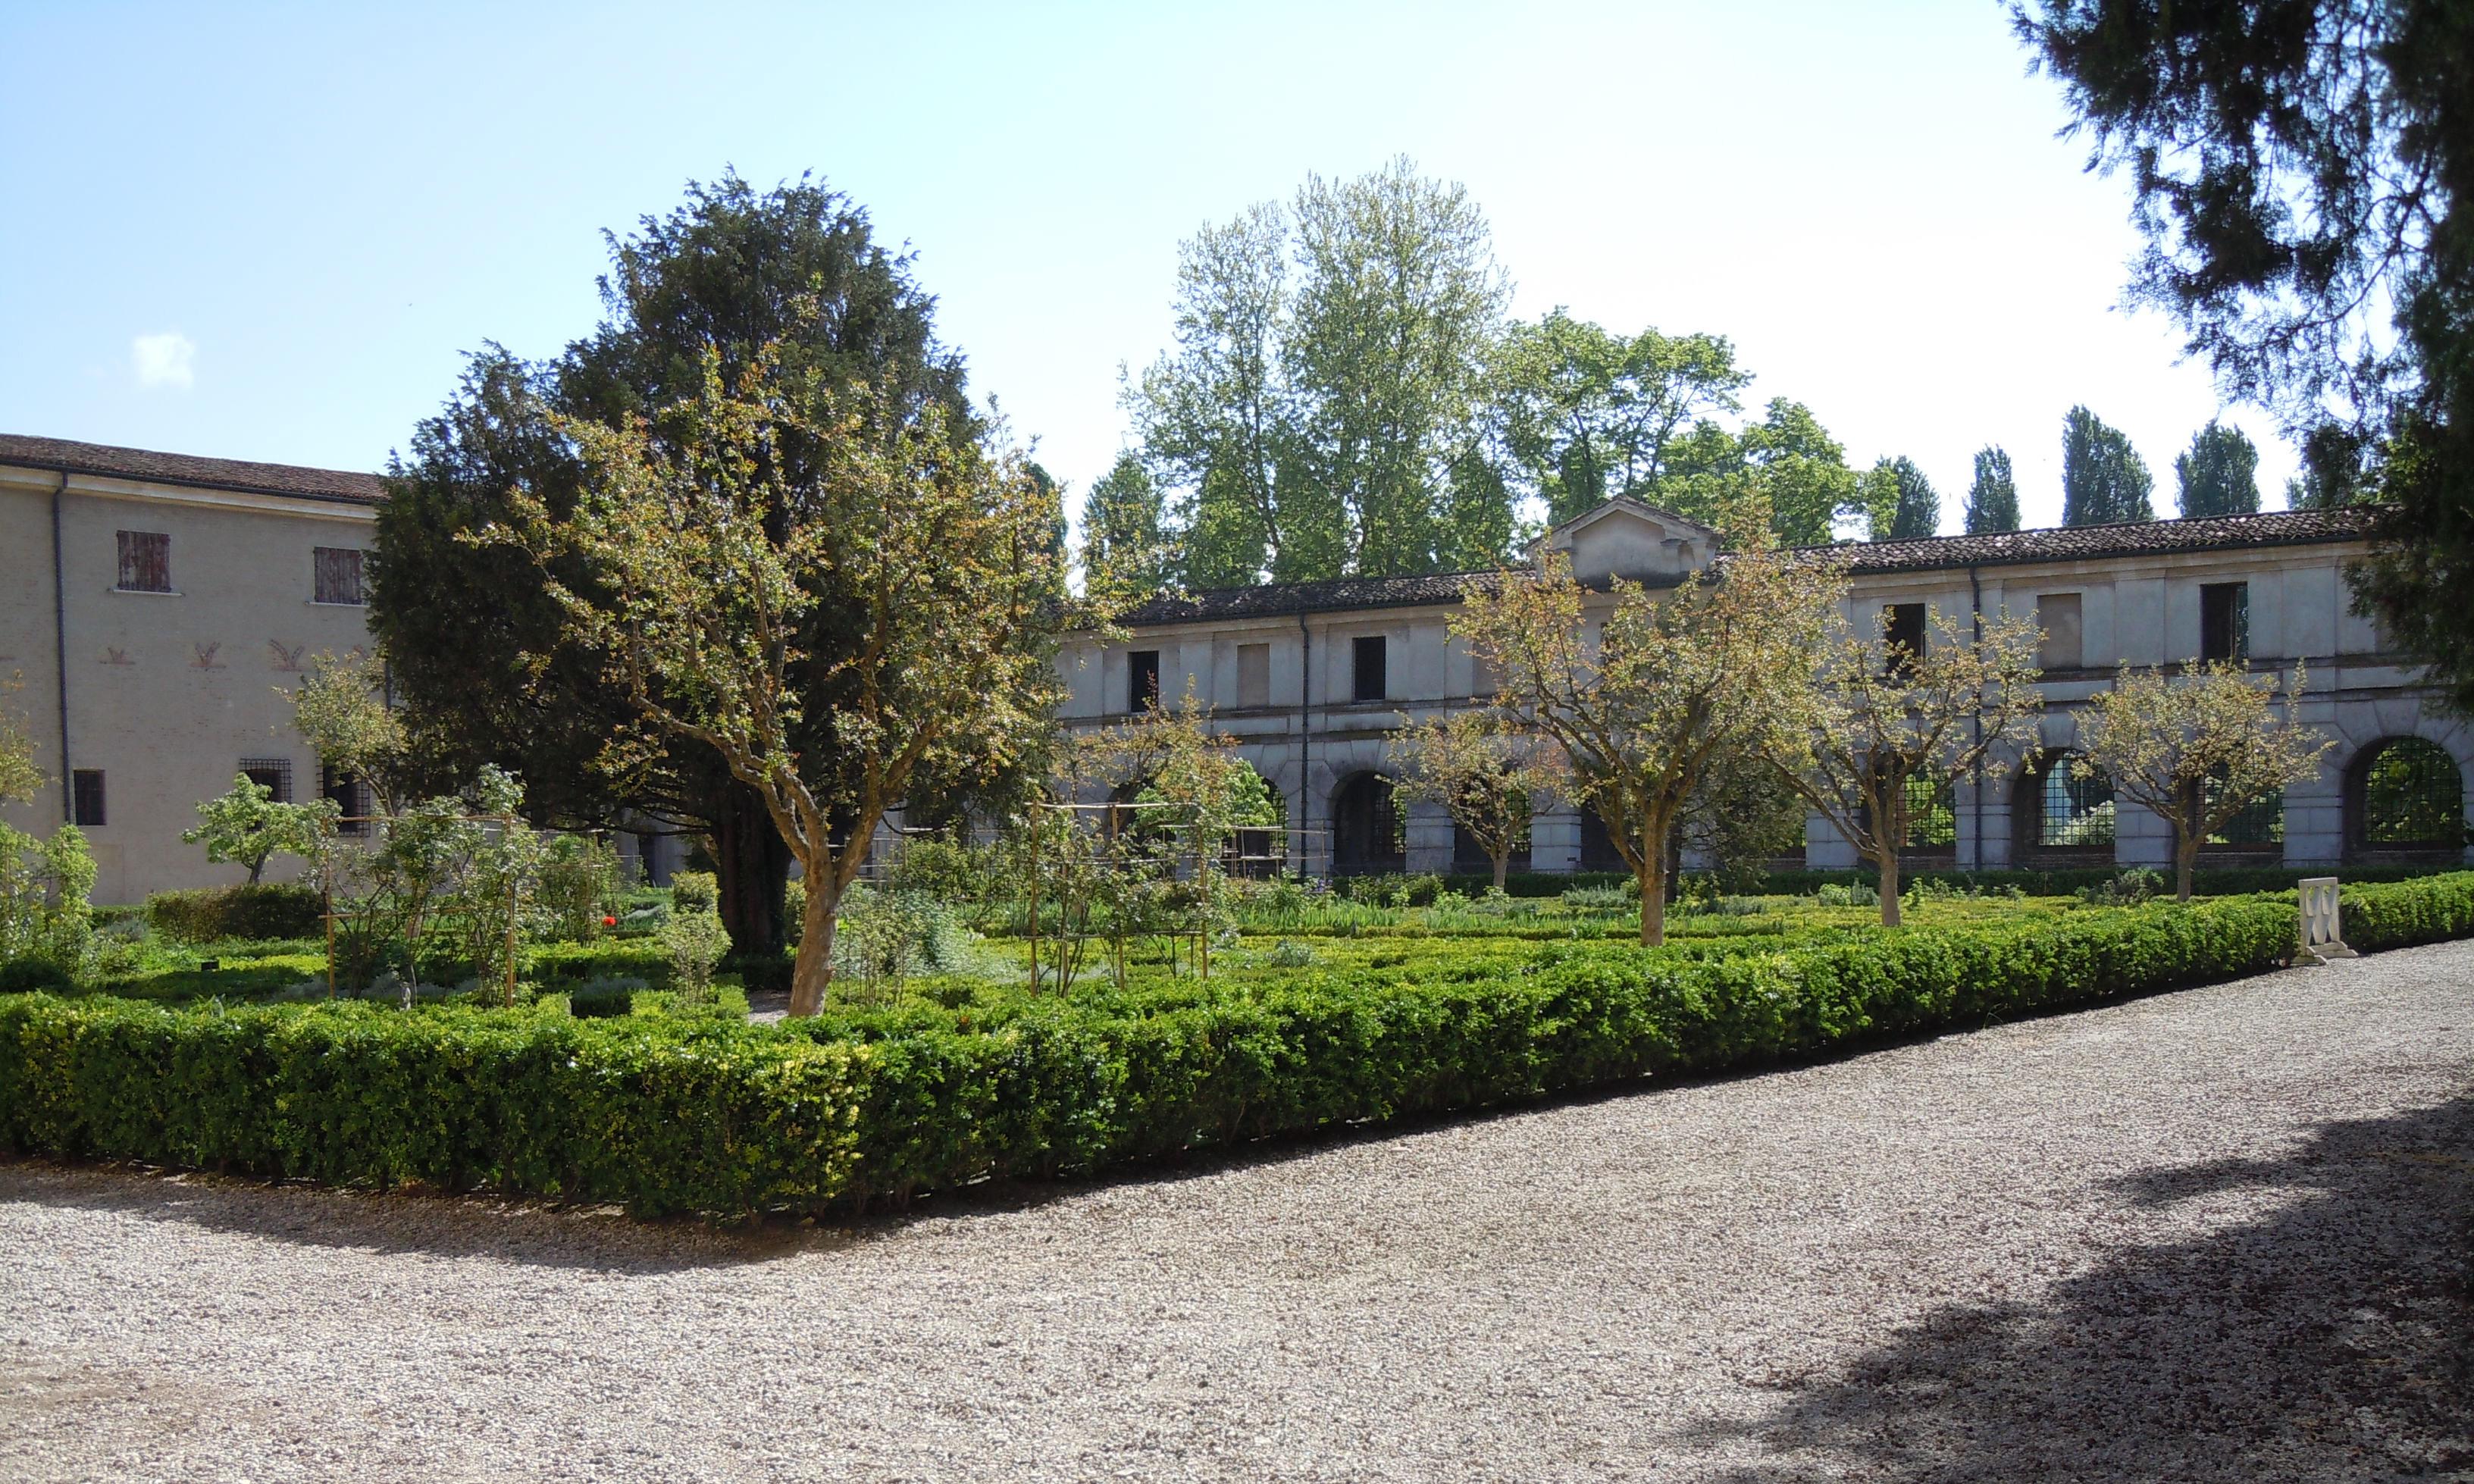 mantova-palazzo-ducale-giardino-dei-semplici